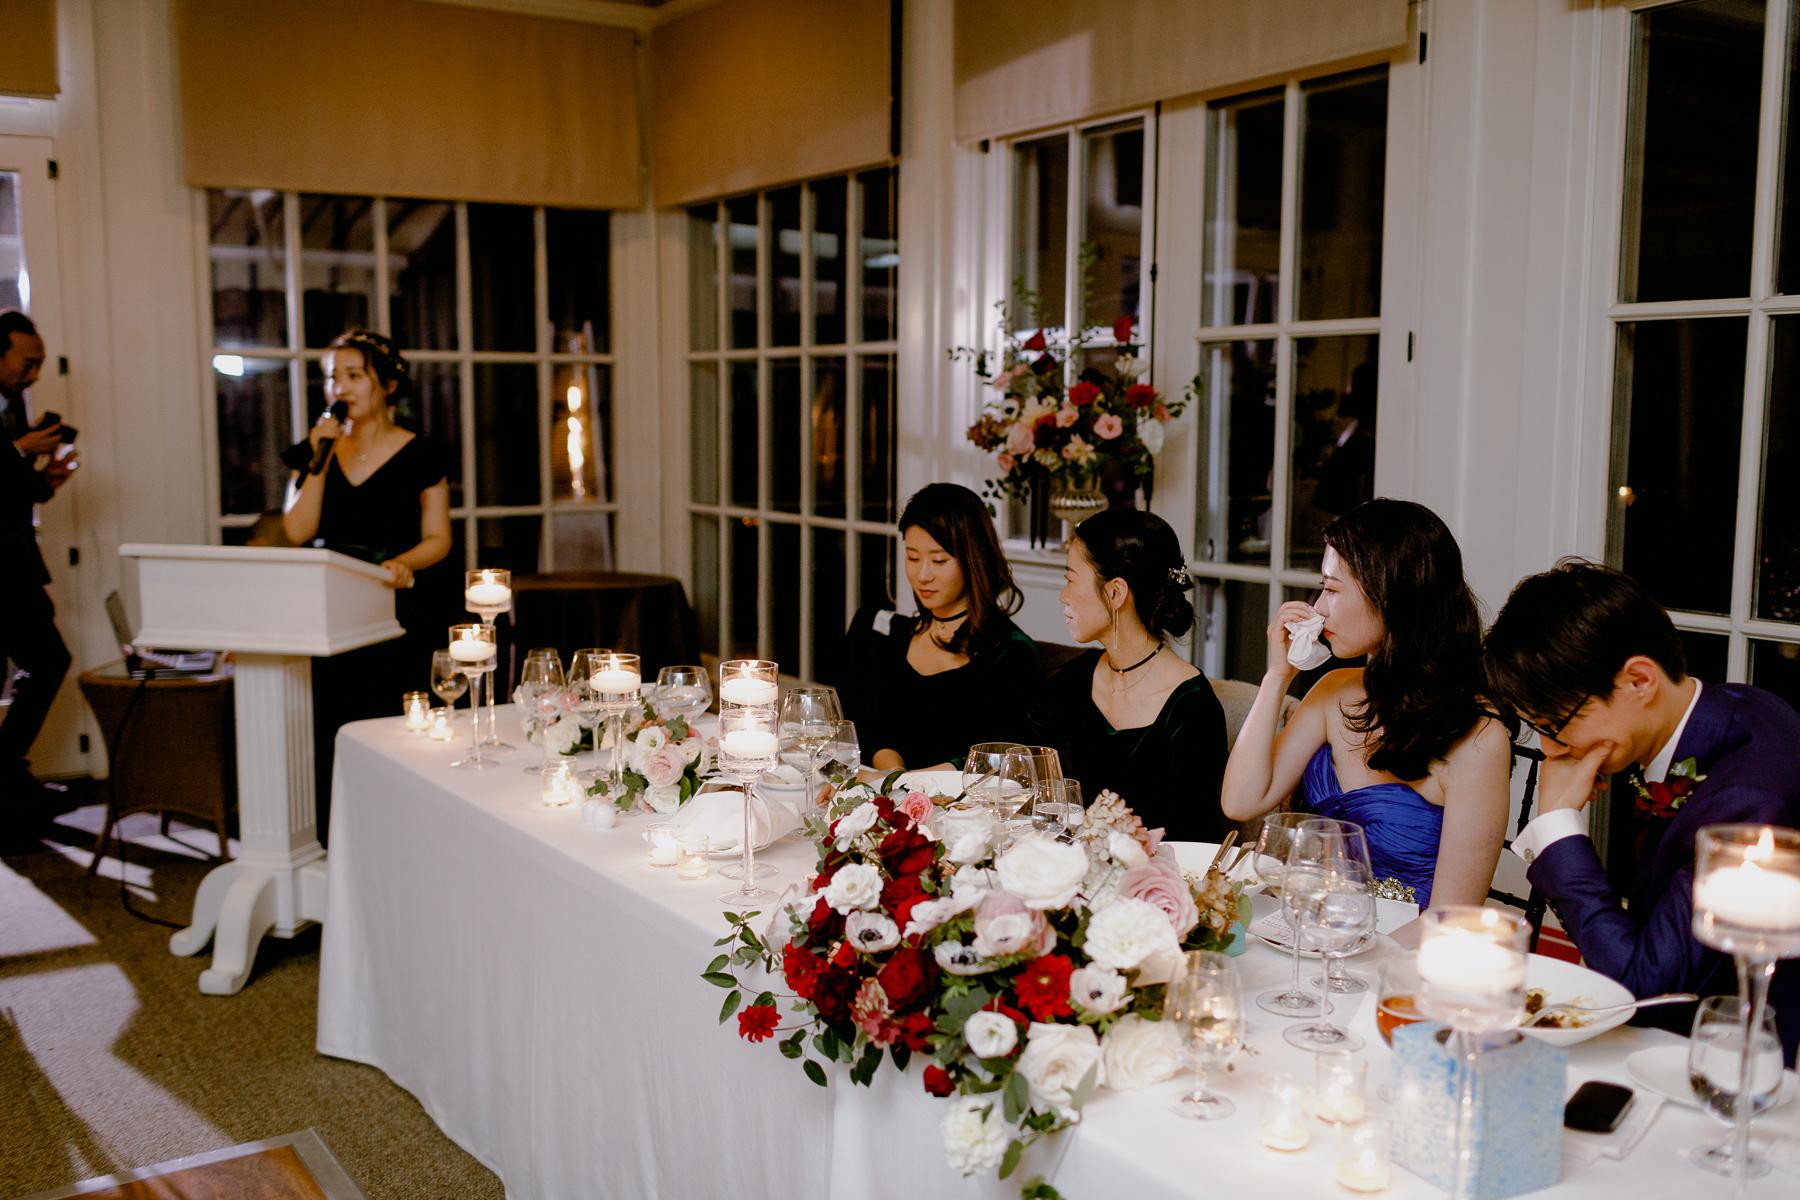 langdon-hall-wedding-markham-chinese-wedding-photographer 0058.jpg